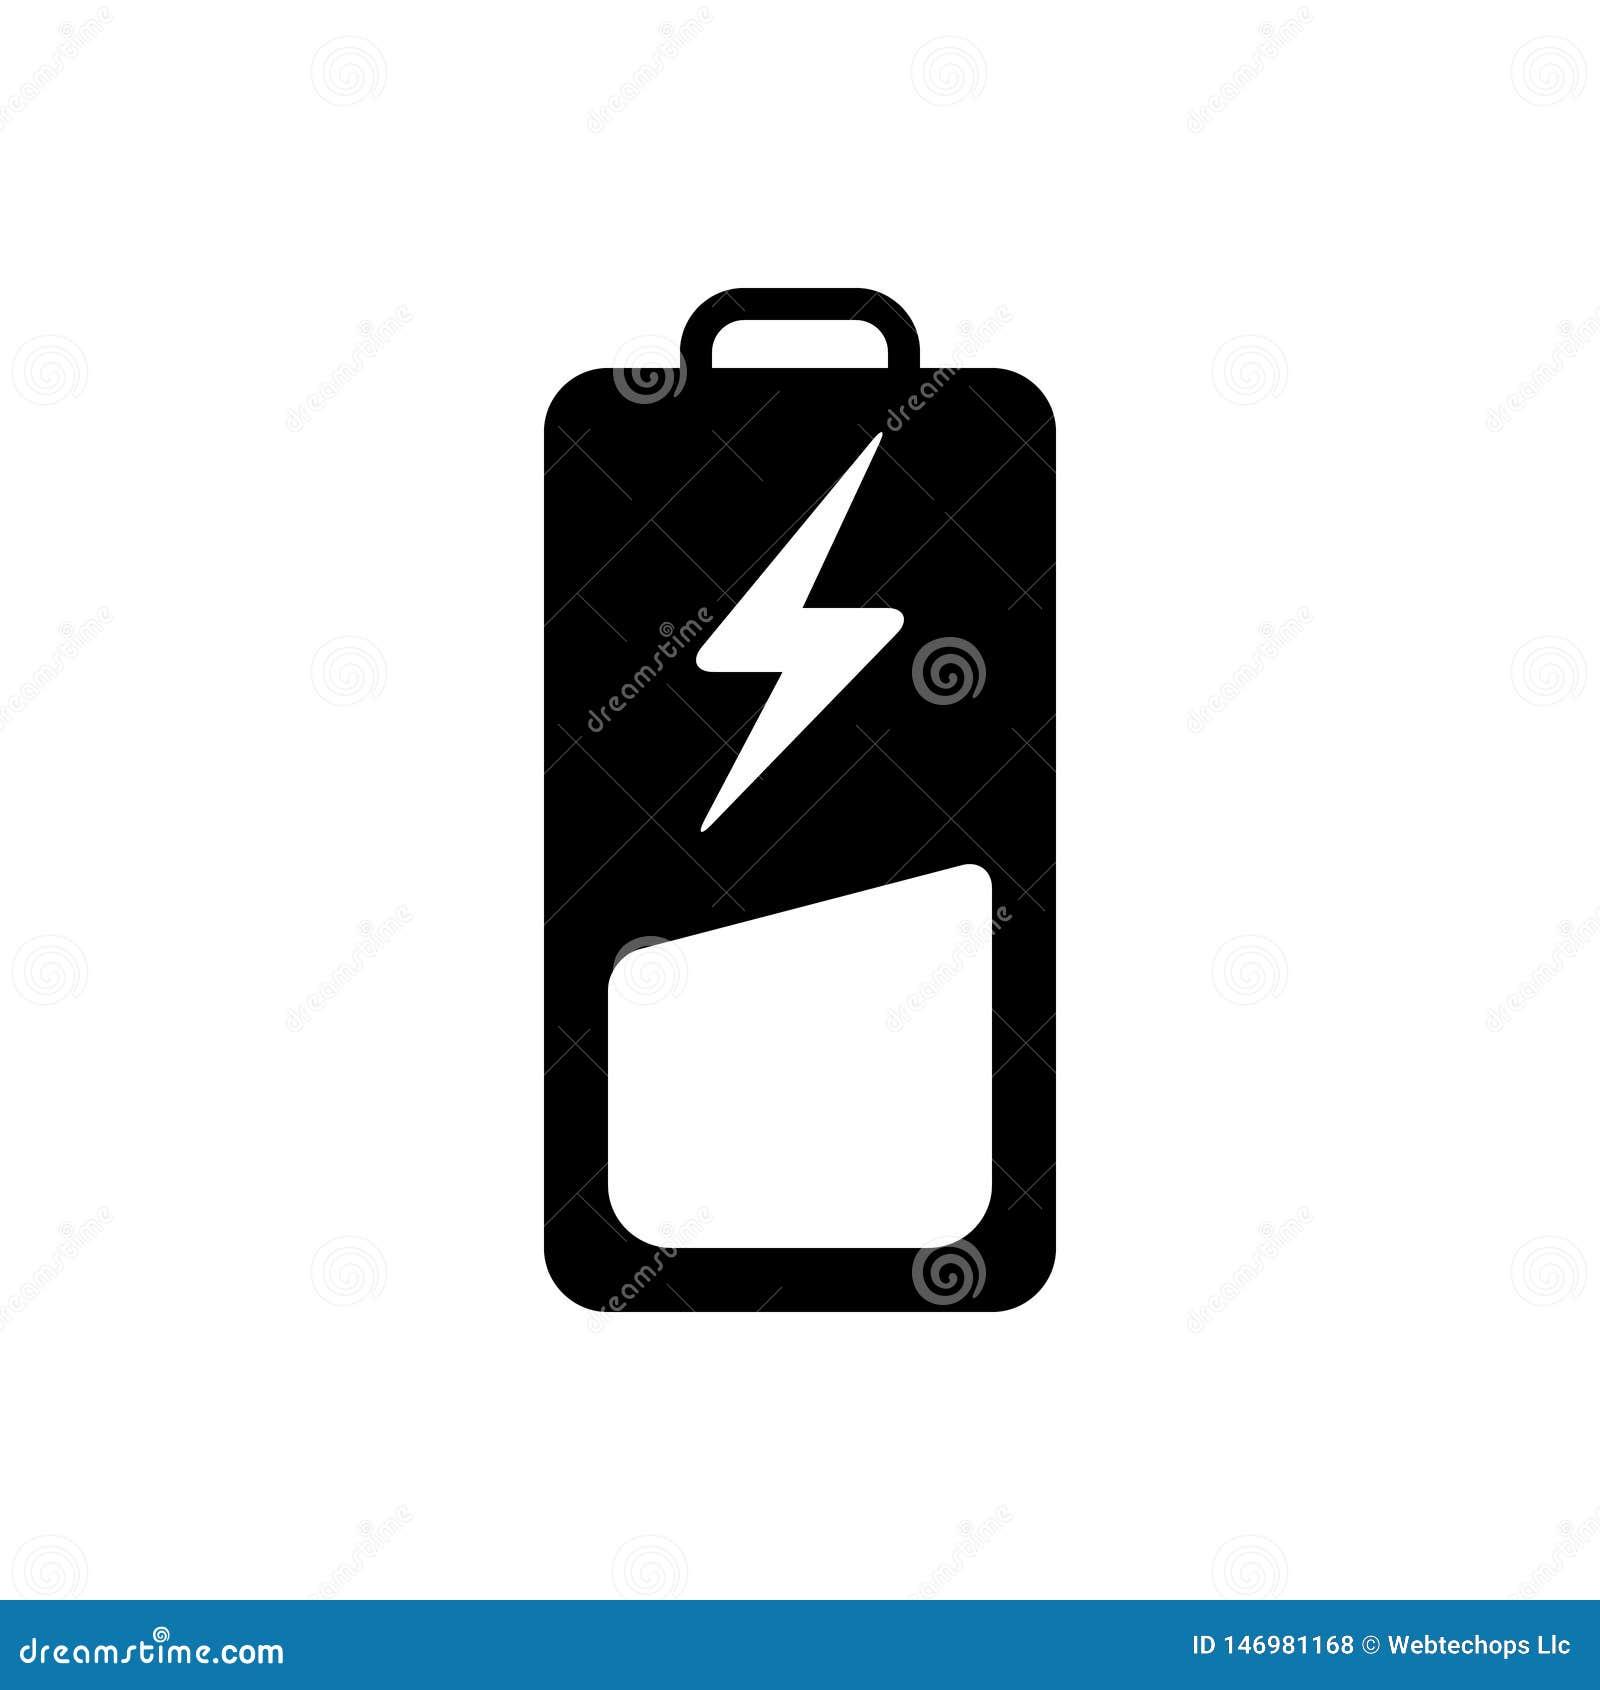 Svart fast symbol för batteri, laddning och bottenläge